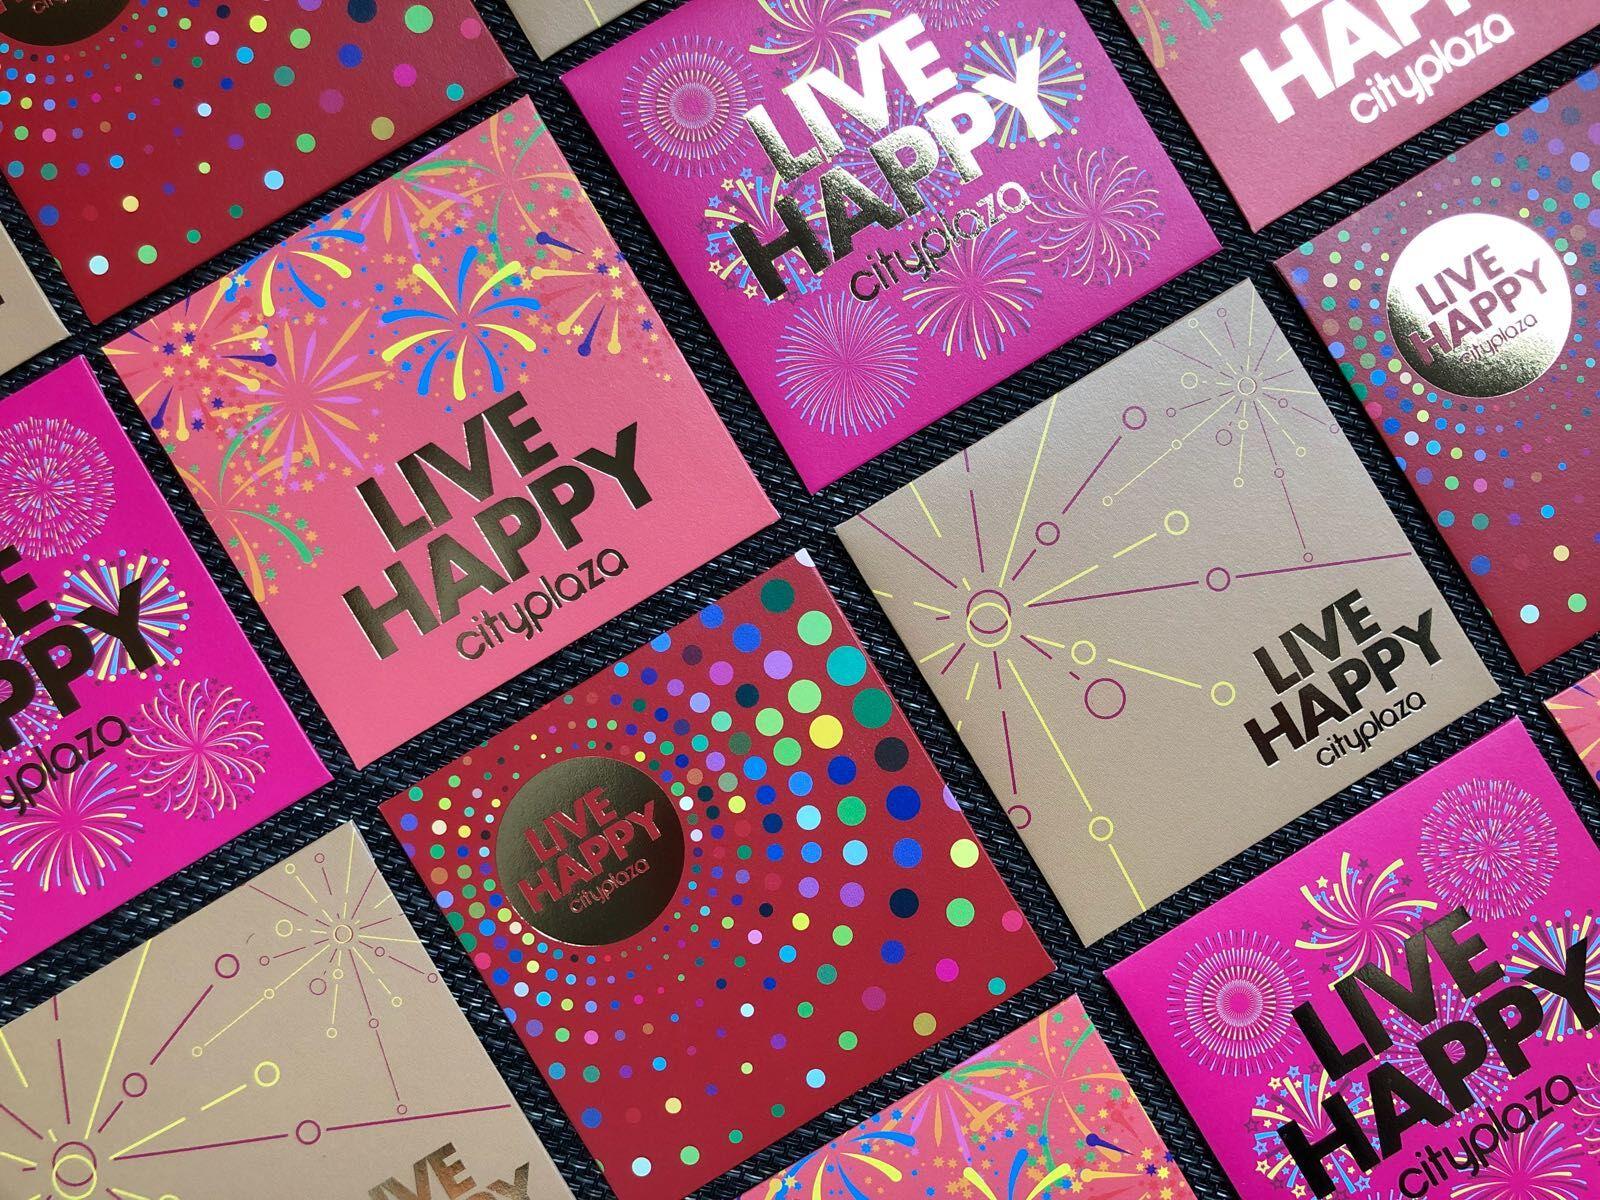 live-happy%e5%88%a9%e6%98%af%e5%b0%815_preview